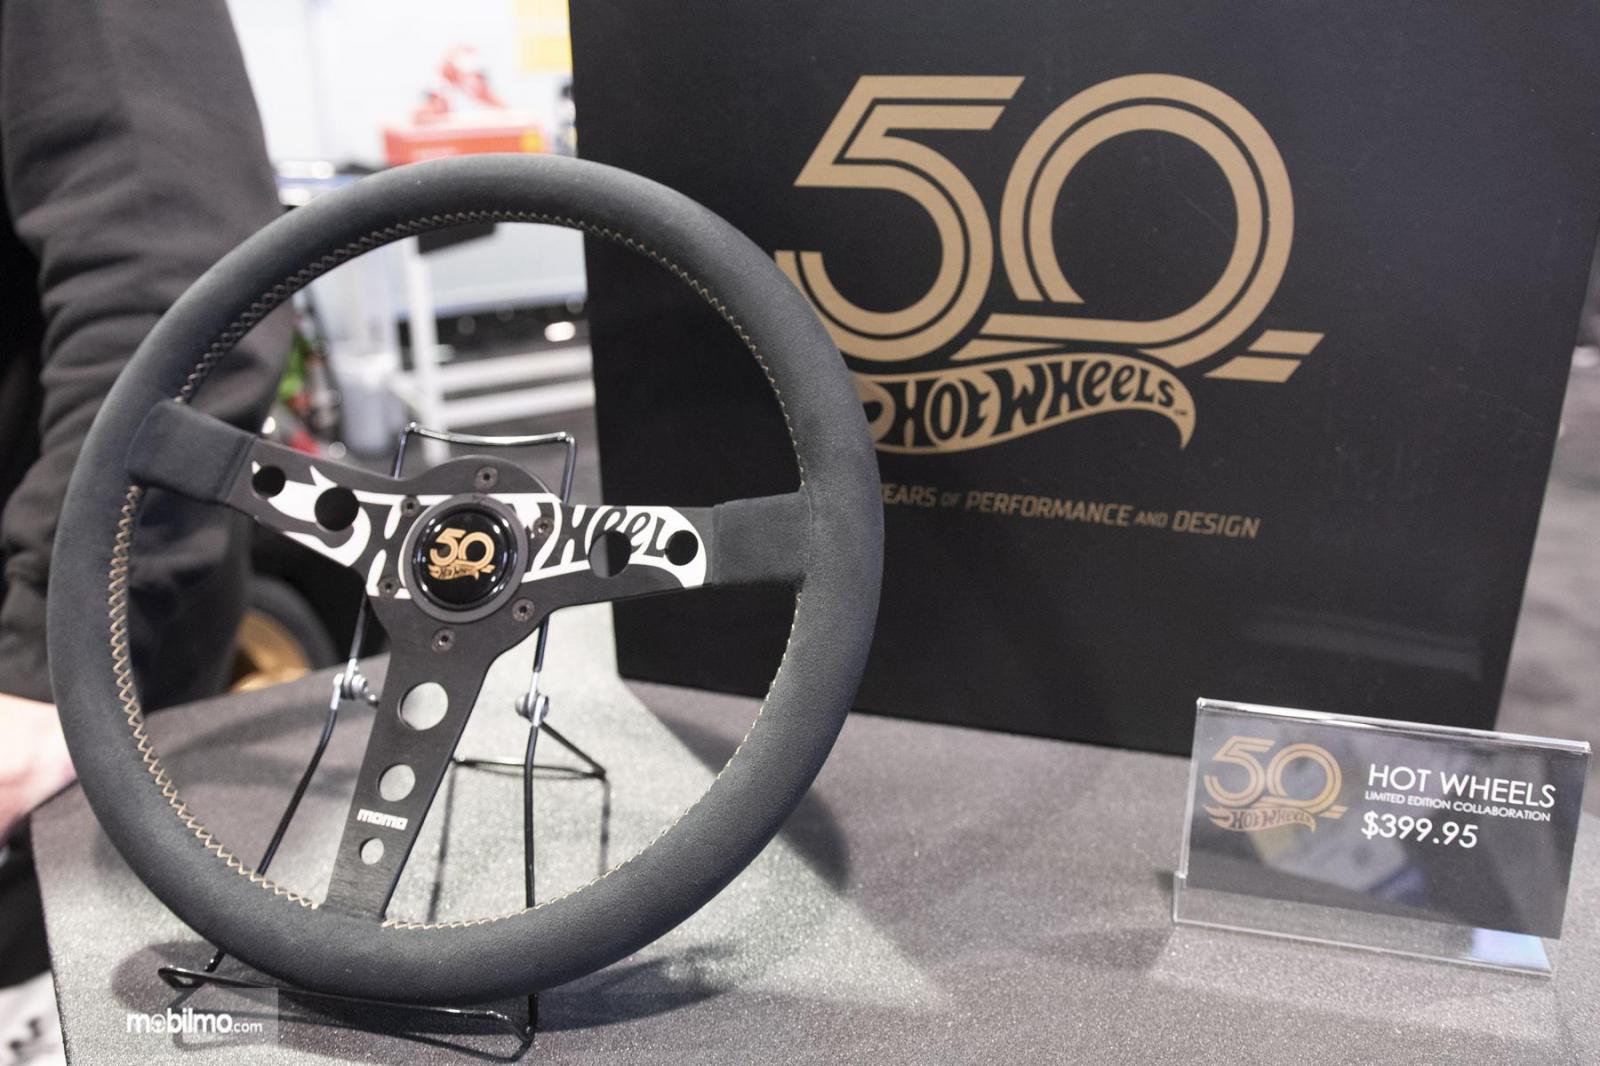 Gambar yang menunjukan kemudi Hot Wheels di SEMA 2018